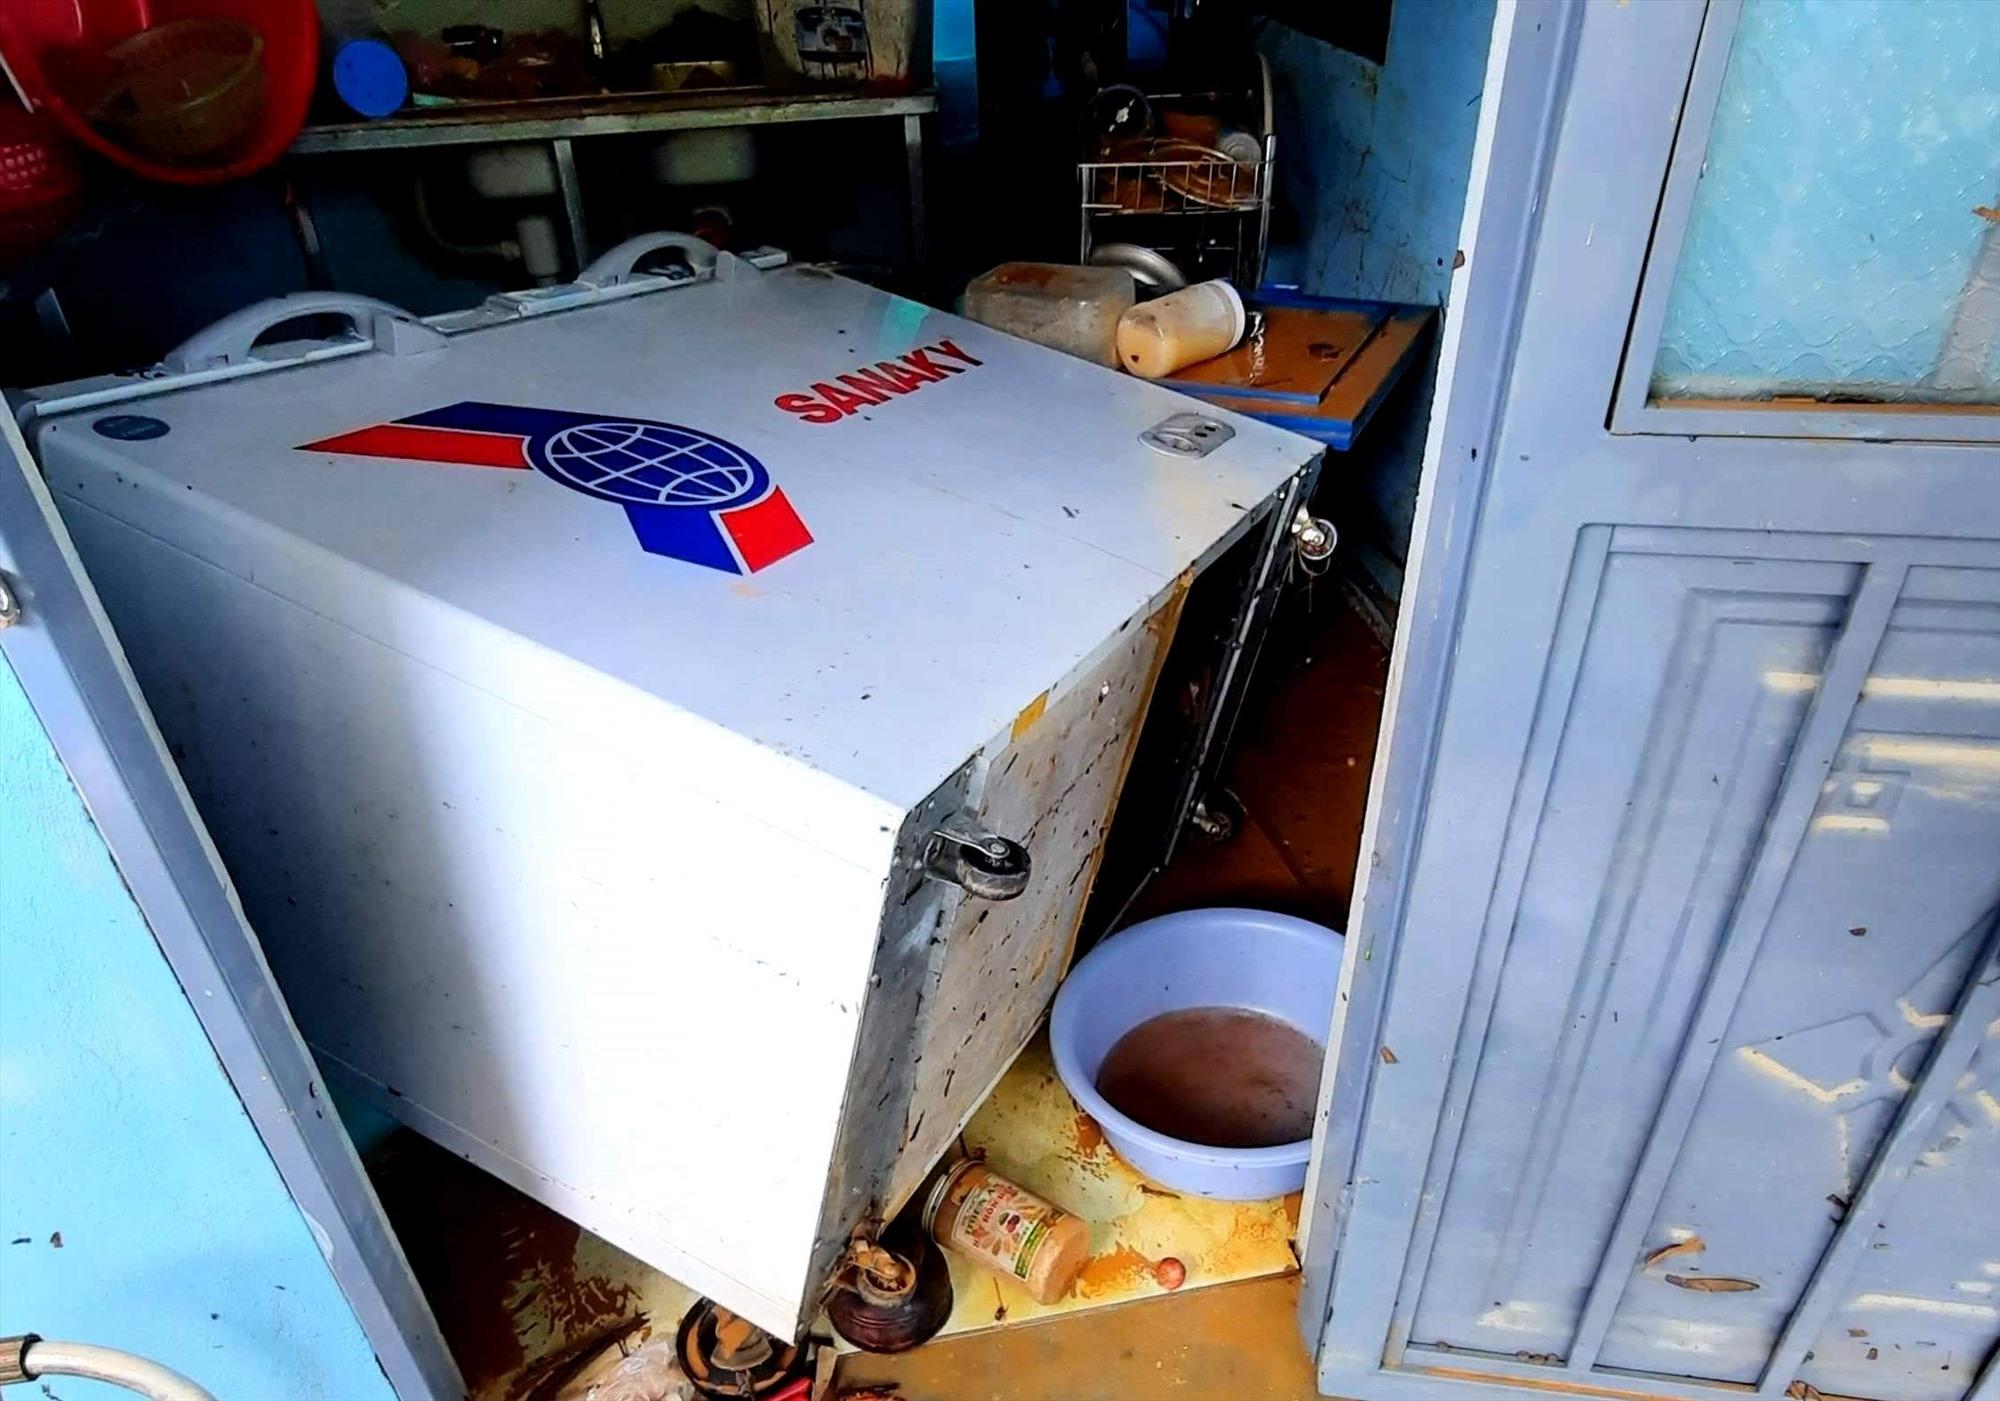 Rất nhiều tài sản, vật dụng trong nhà bị lũ nhấn chìm, gây hư hại nặng nề. Ảnh: A.N